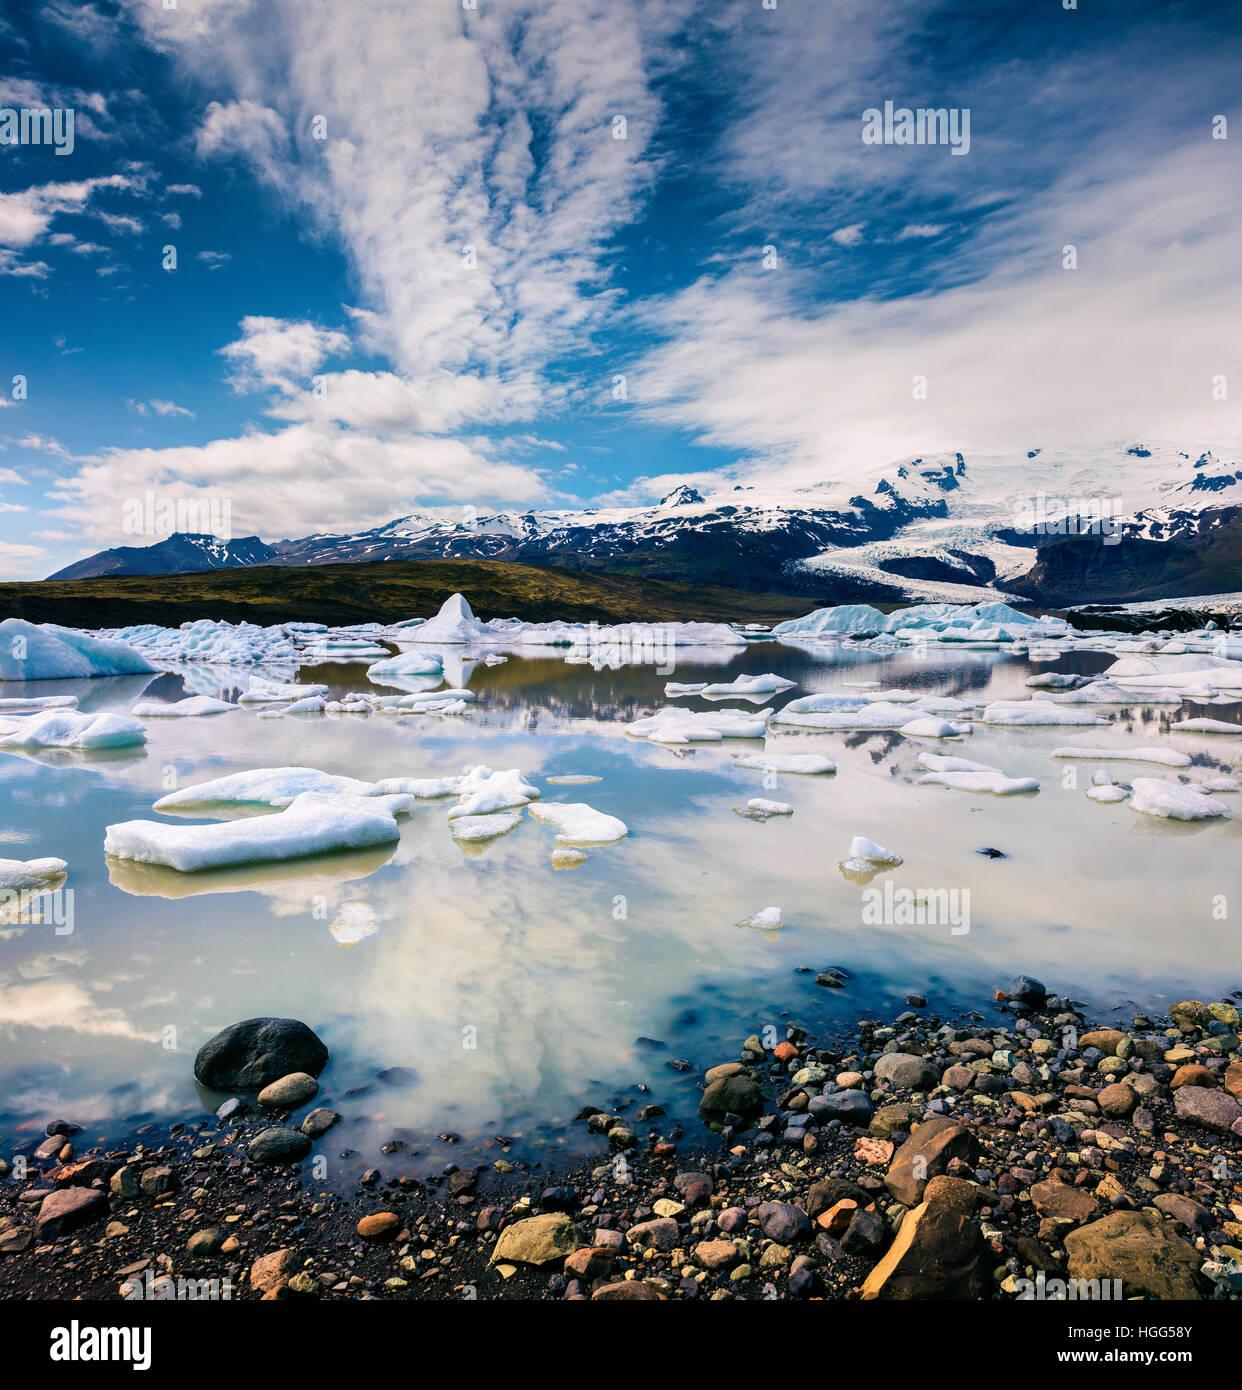 Schwimmendes Eis-Box an die Gletscherlagune Fjallsarlon. Sonnigen Morgen Europas Vatnajökull-Nationalpark, Stockbild